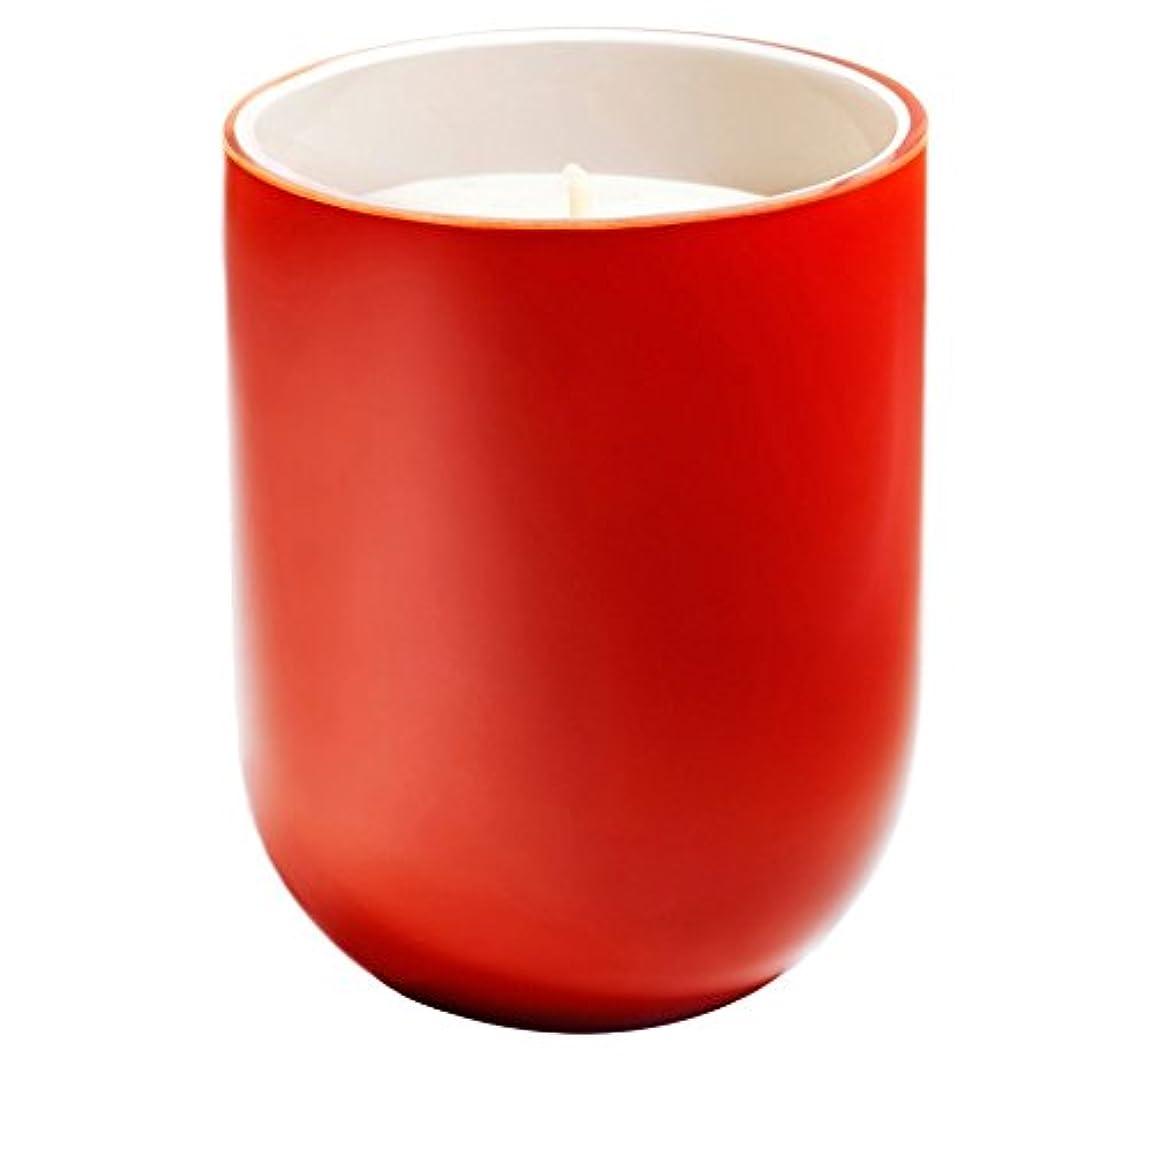 最も早いナチュラル儀式フレデリック?マルロシアの夜香りのキャンドル x6 - Frederic Malle Russian Night Scented Candle (Pack of 6) [並行輸入品]